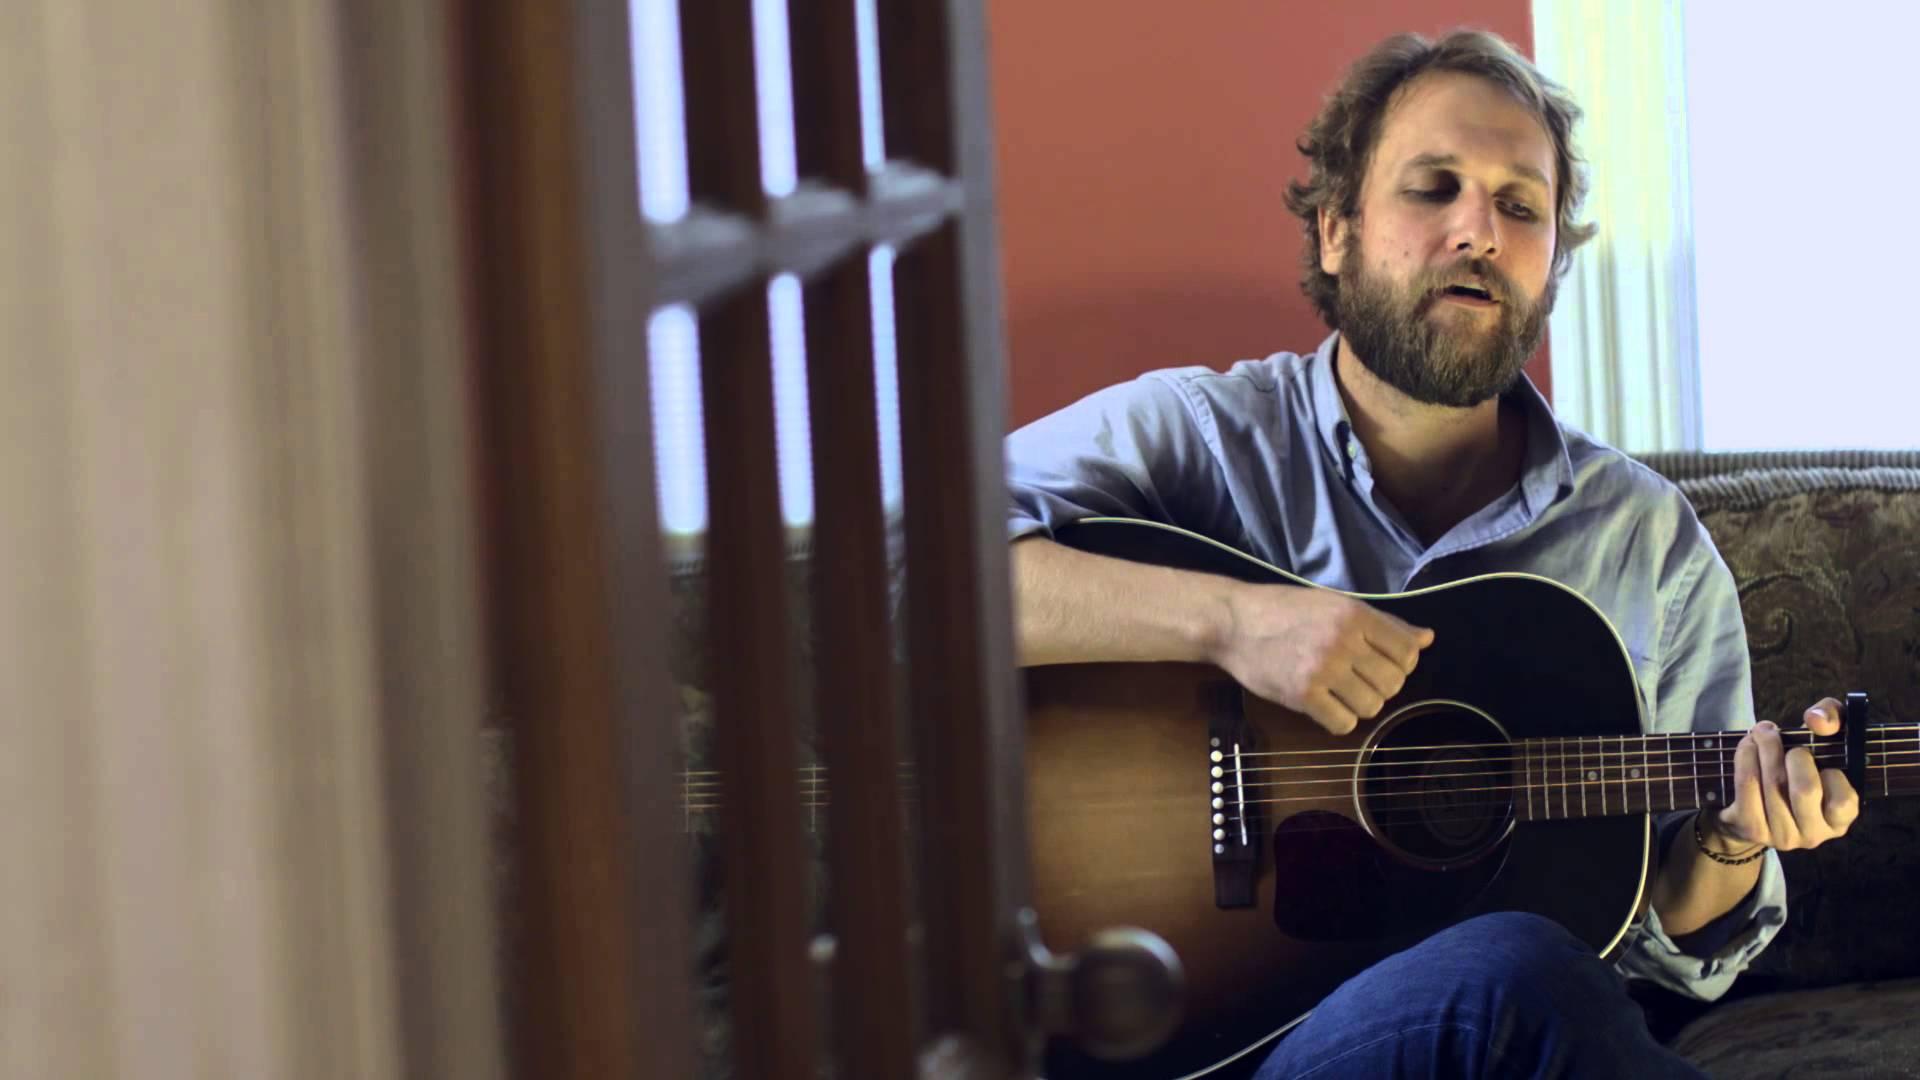 Craig Cardiff at Musiikki